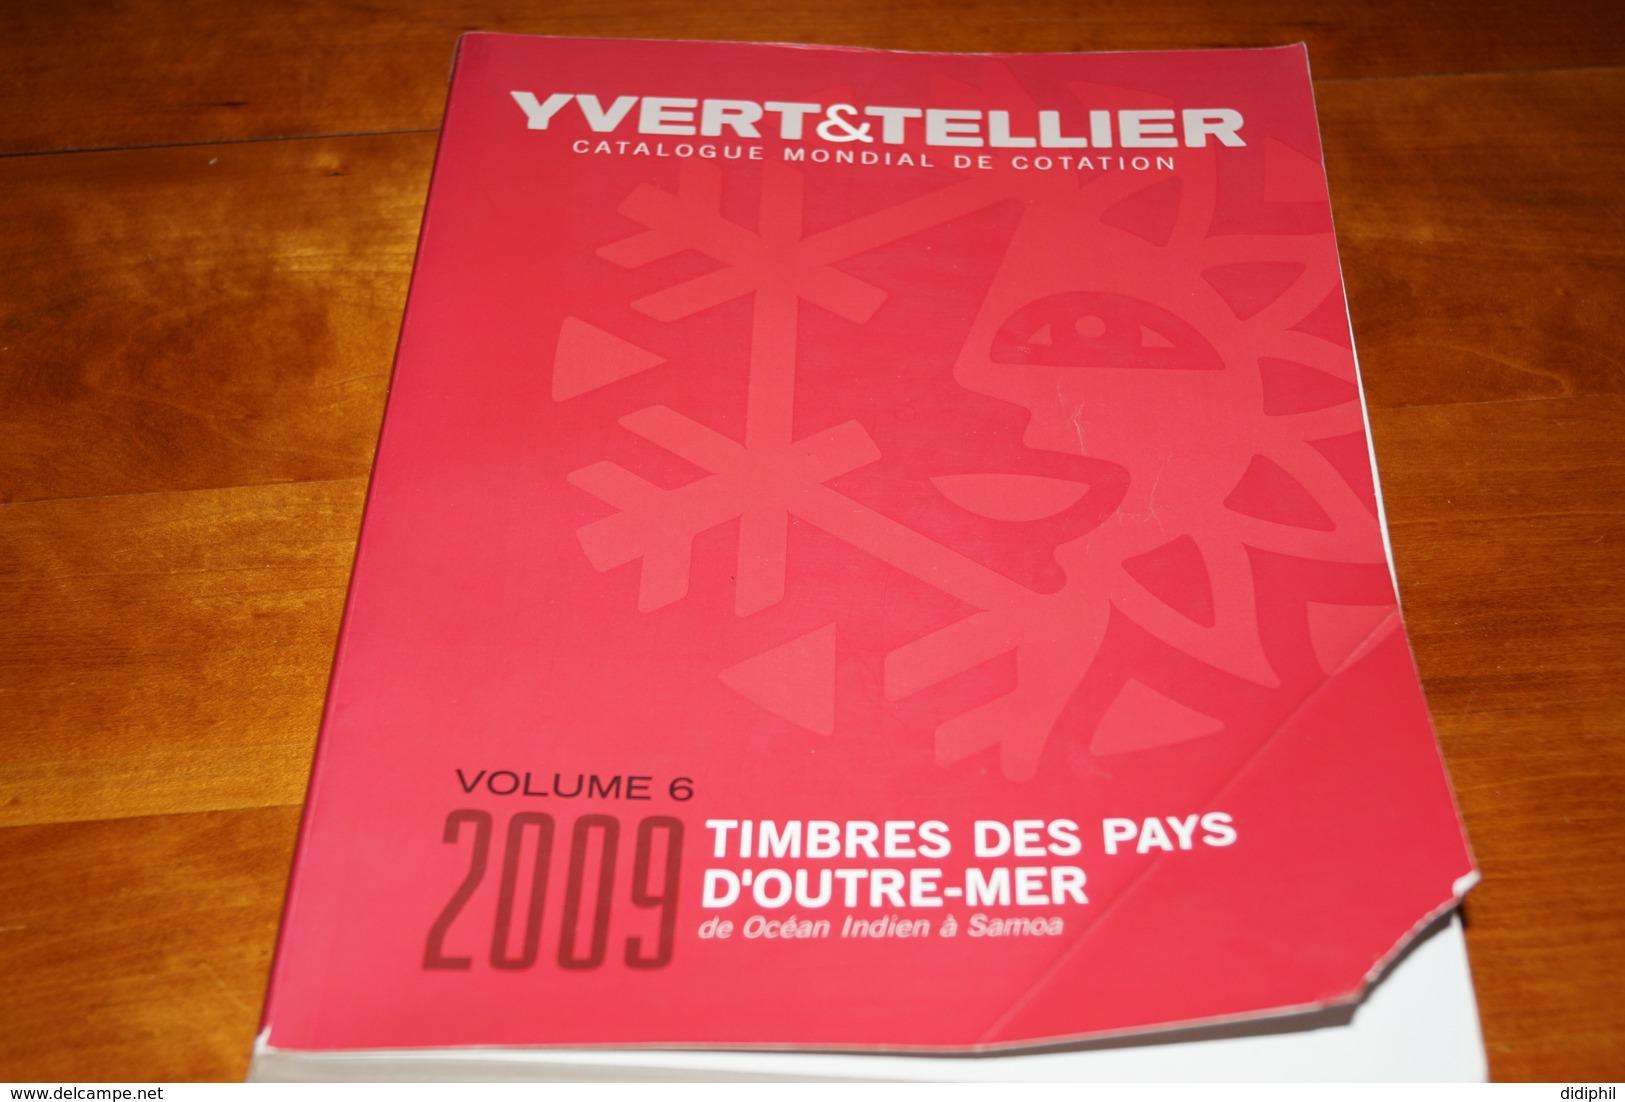 CATALOGUE YVERT OUTRE MER VOL 6  2009 PEU SERVI - Frankreich